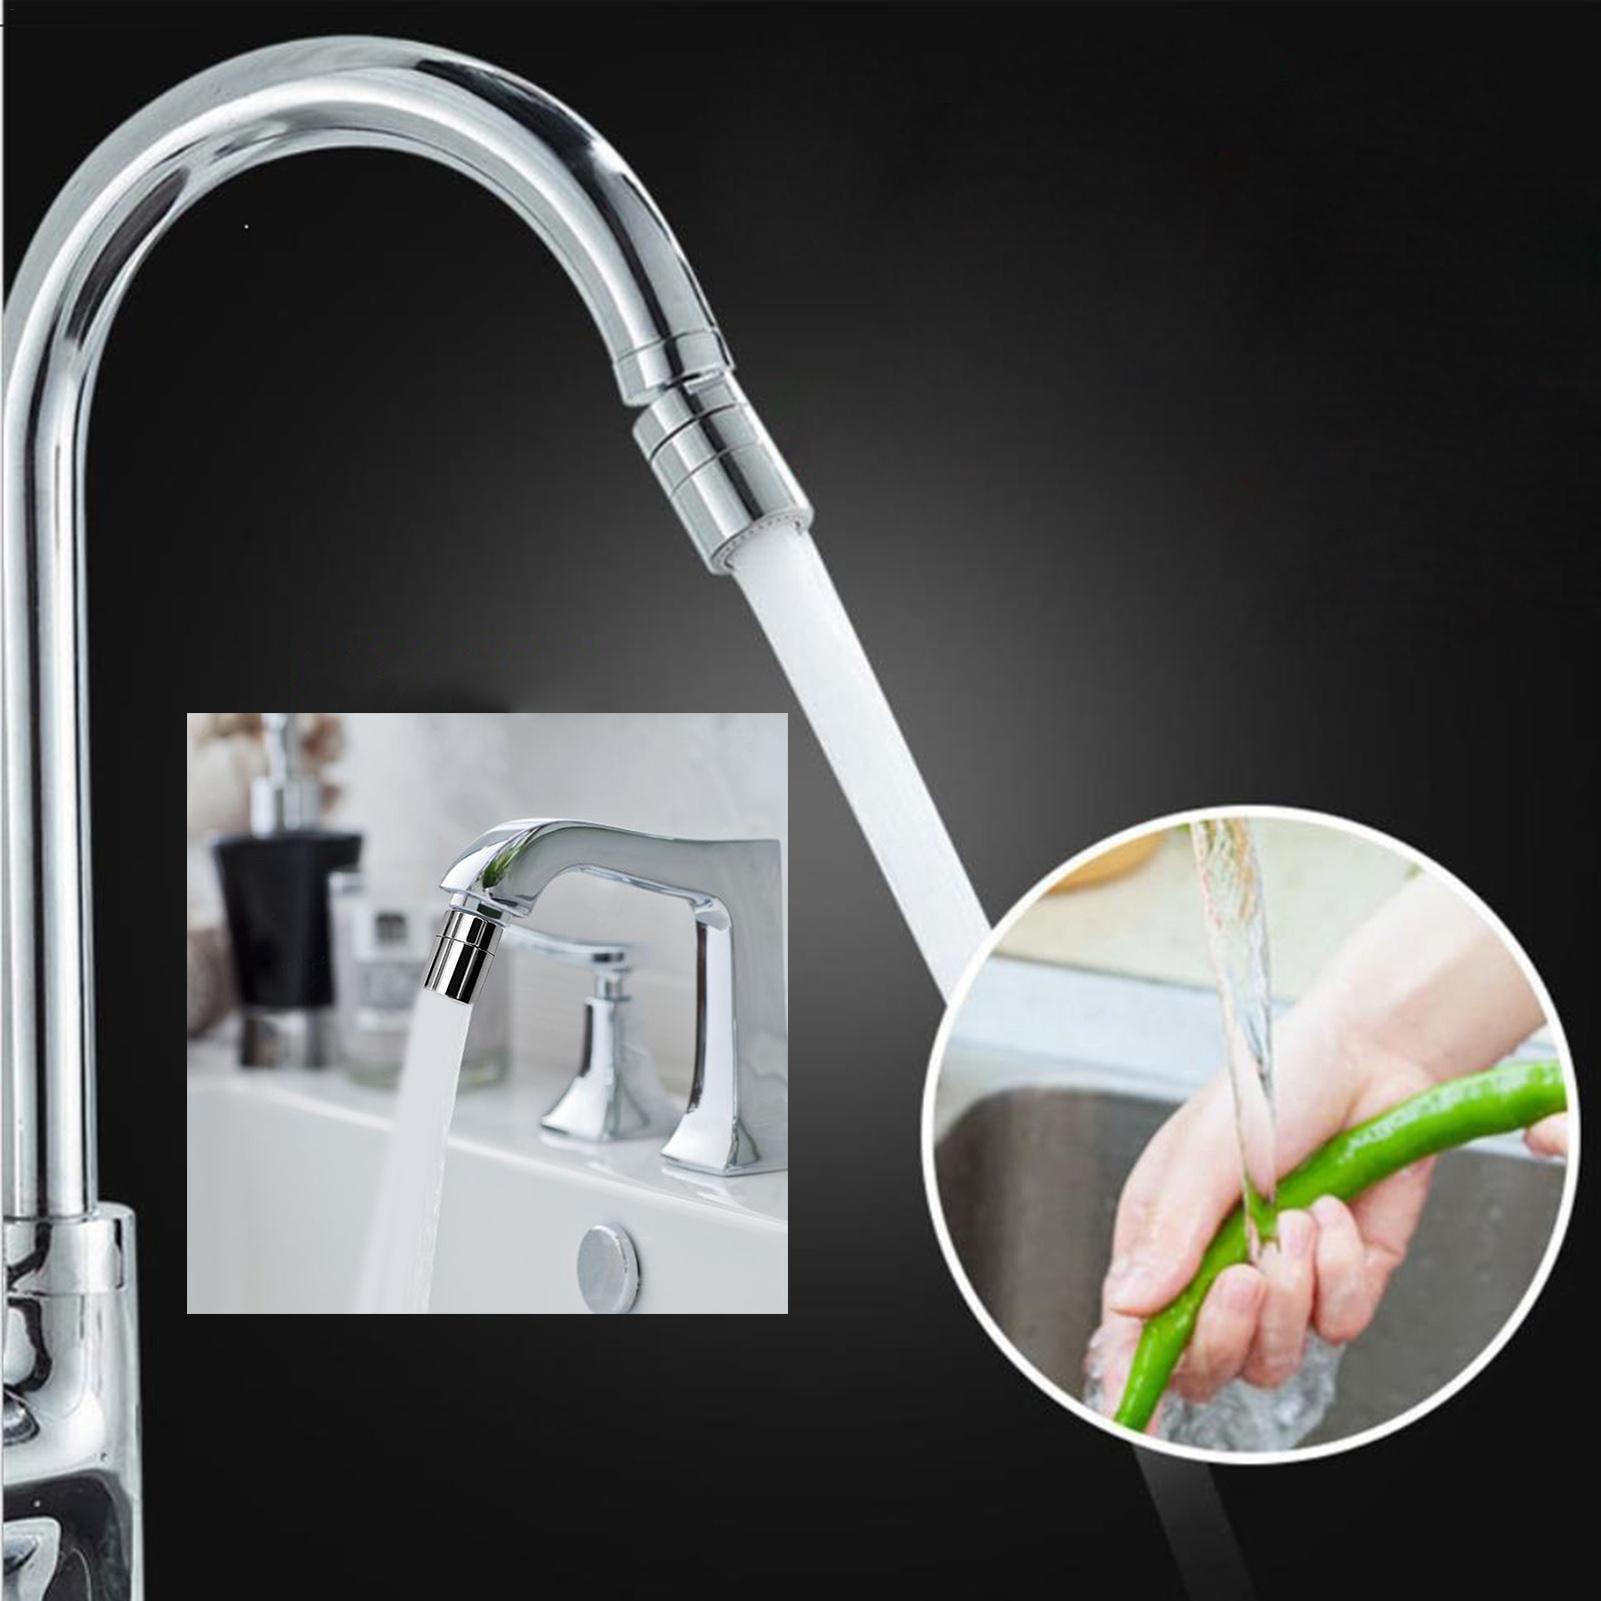 Autcarible Water Faucet Splash Proof Rotating Kitchen Faucet Walmart Com Walmart Com